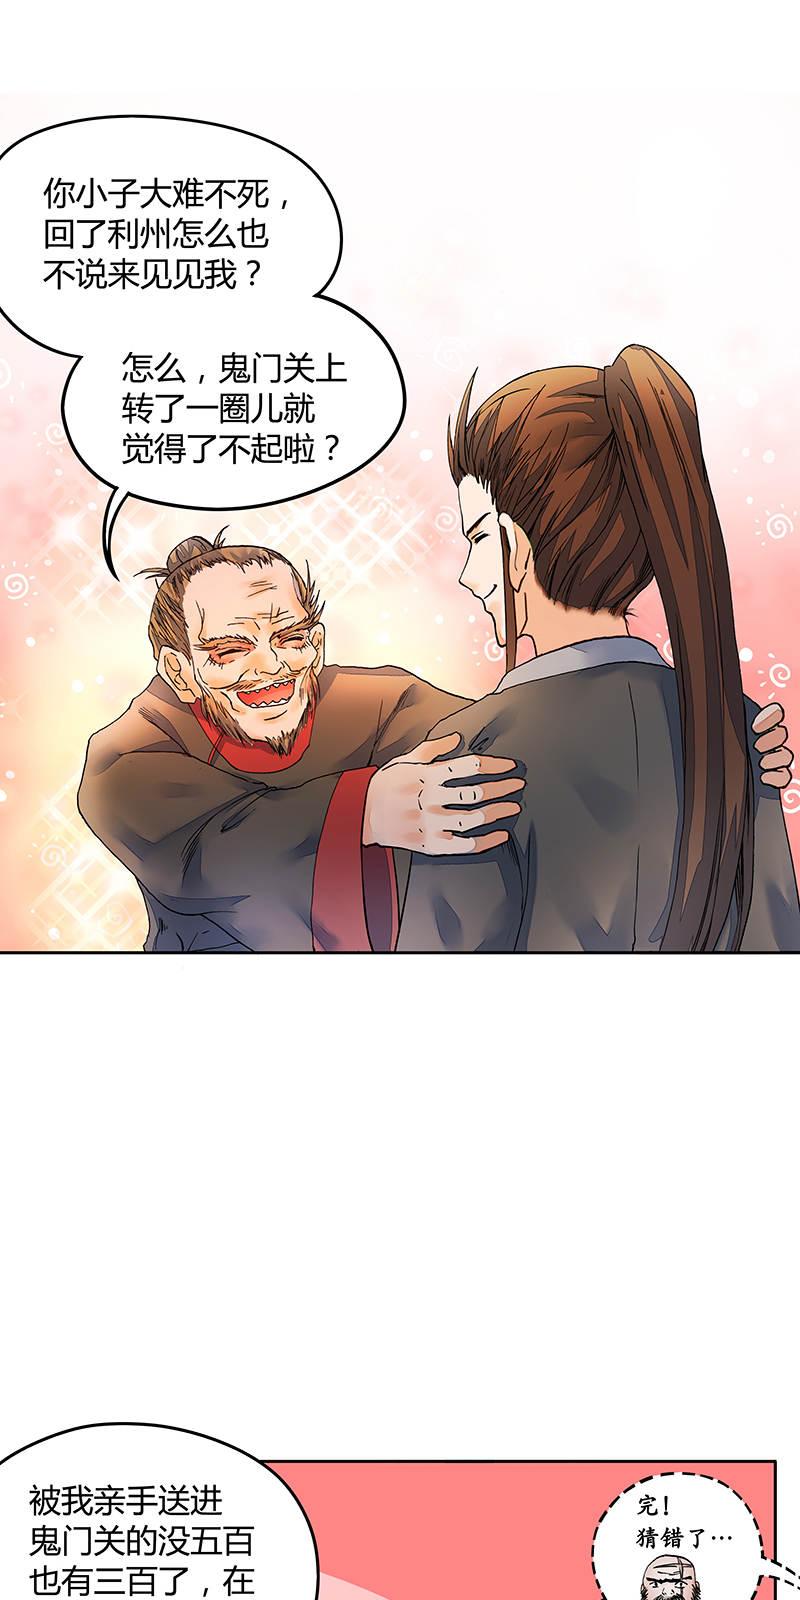 逍遥游第17话  百斩人屠亦我师 第 11